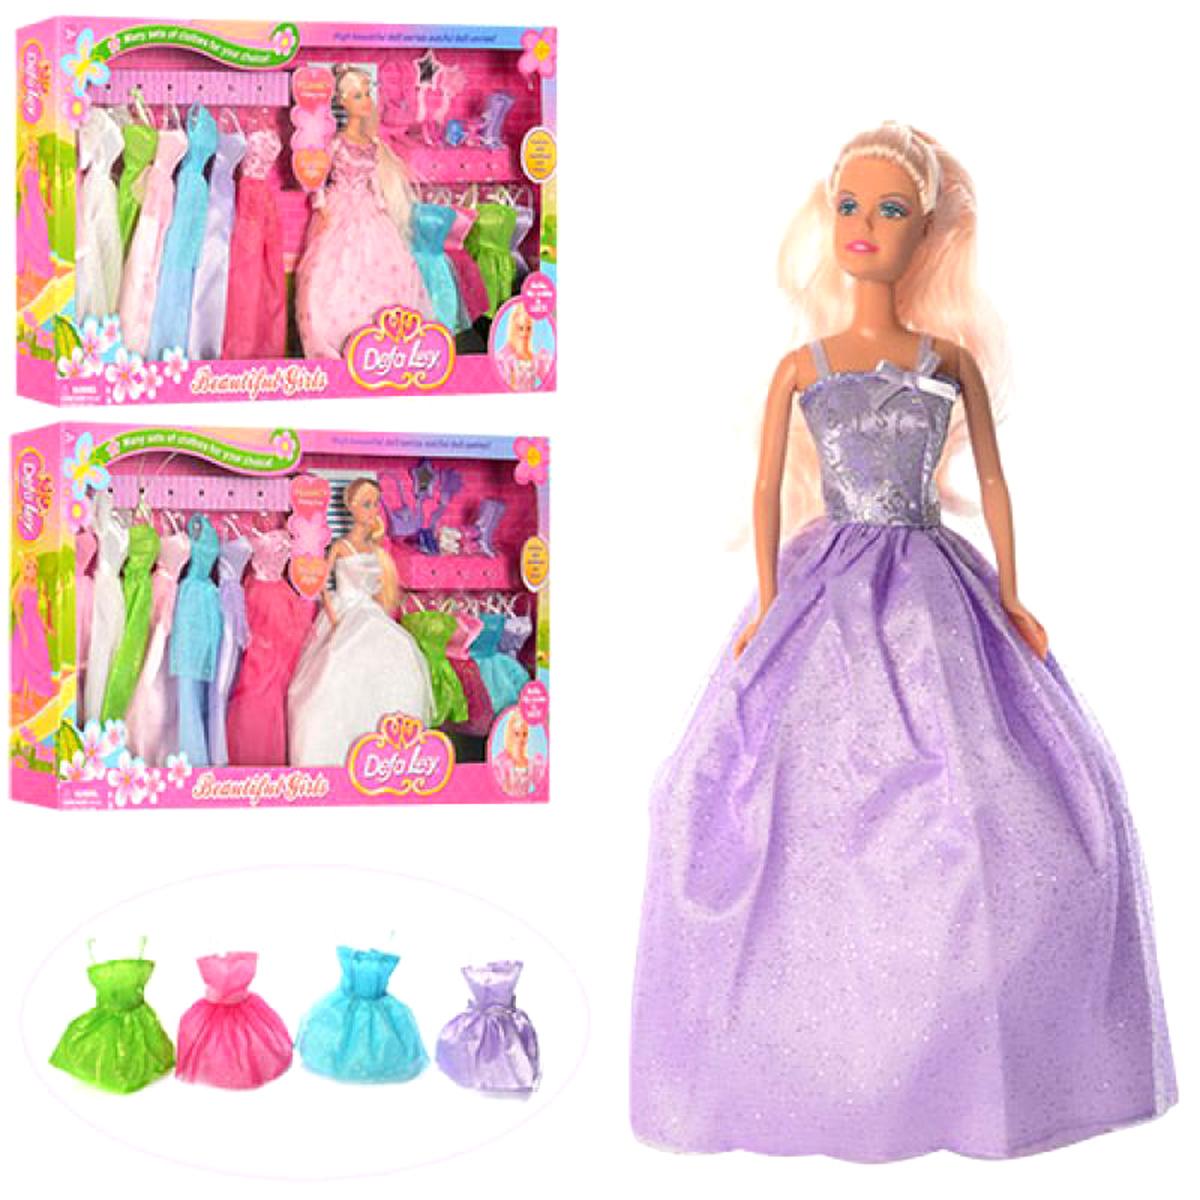 1e579920ba3ea0 Лялька Defa з одягом і аксесуарами. Ціна, купити Лялька Defa з ...